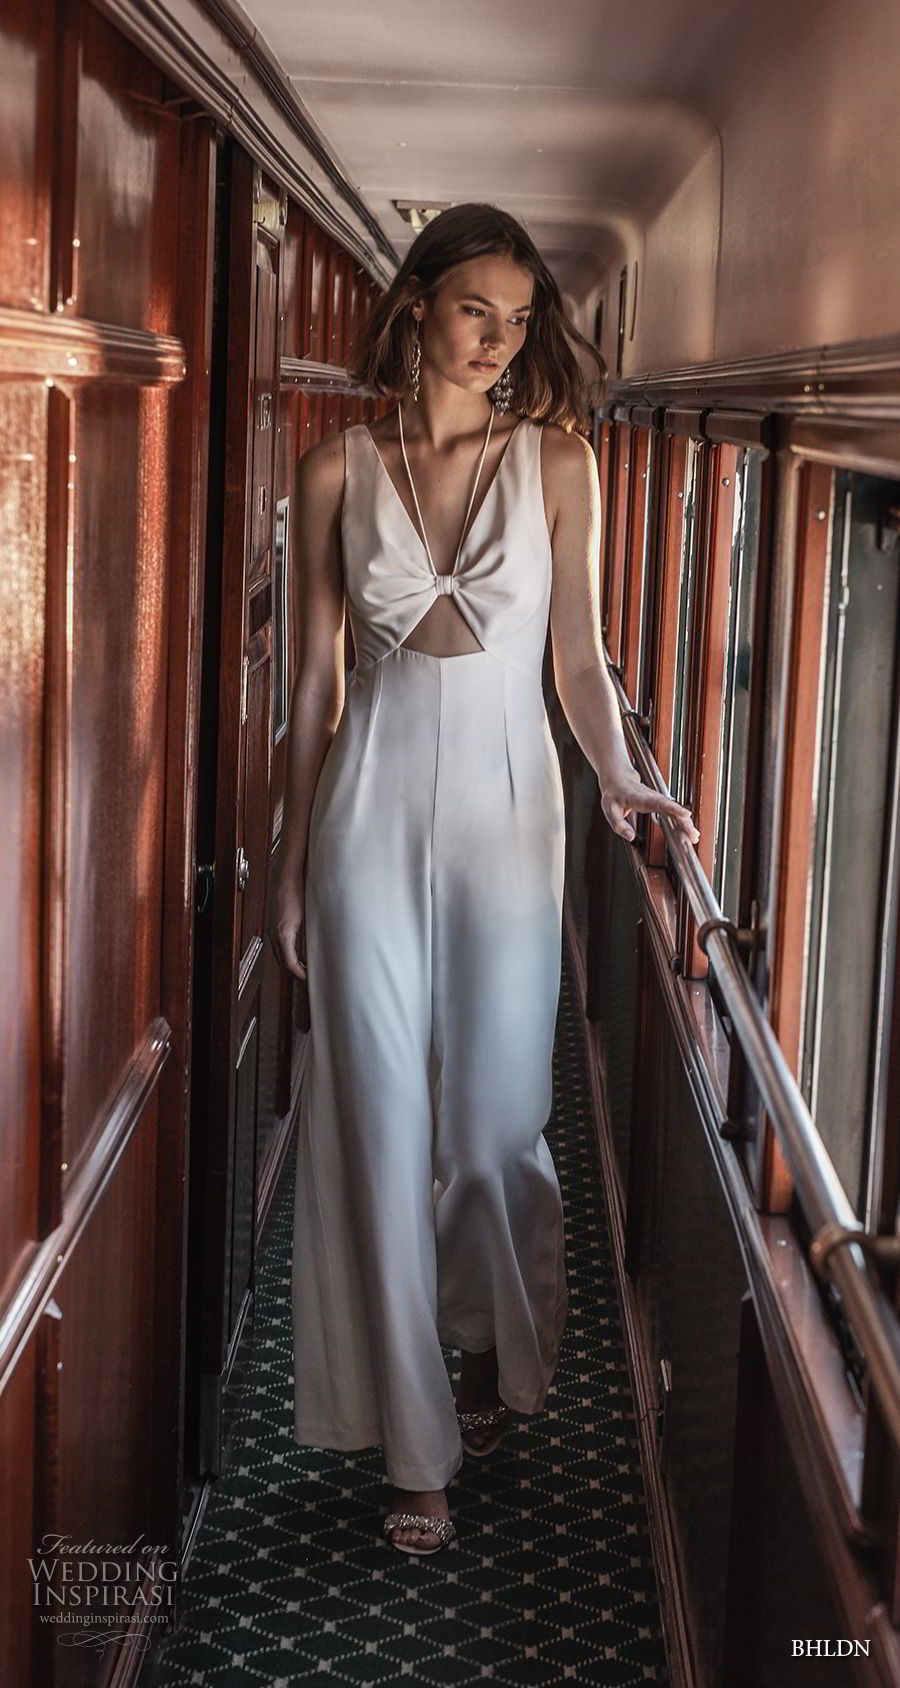 bhldn 2018 away bridal sleeveless v neck simple clean modern sophiscated jumpsuit wedding dress v back (8) mv